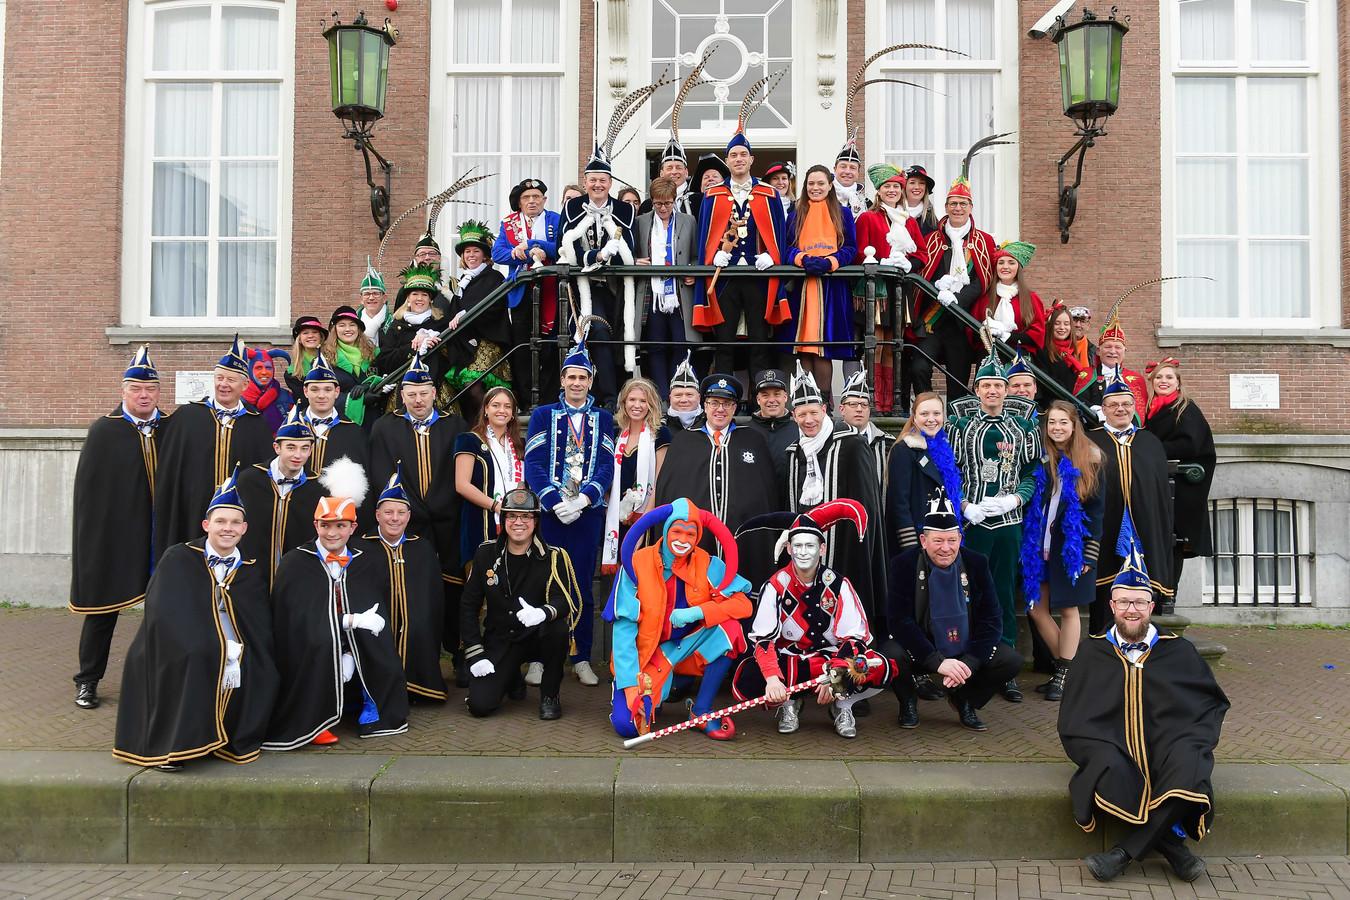 Prins Thomas III is de leutvorst van Stijlorenrijk (Etten) tijdens carnaval.